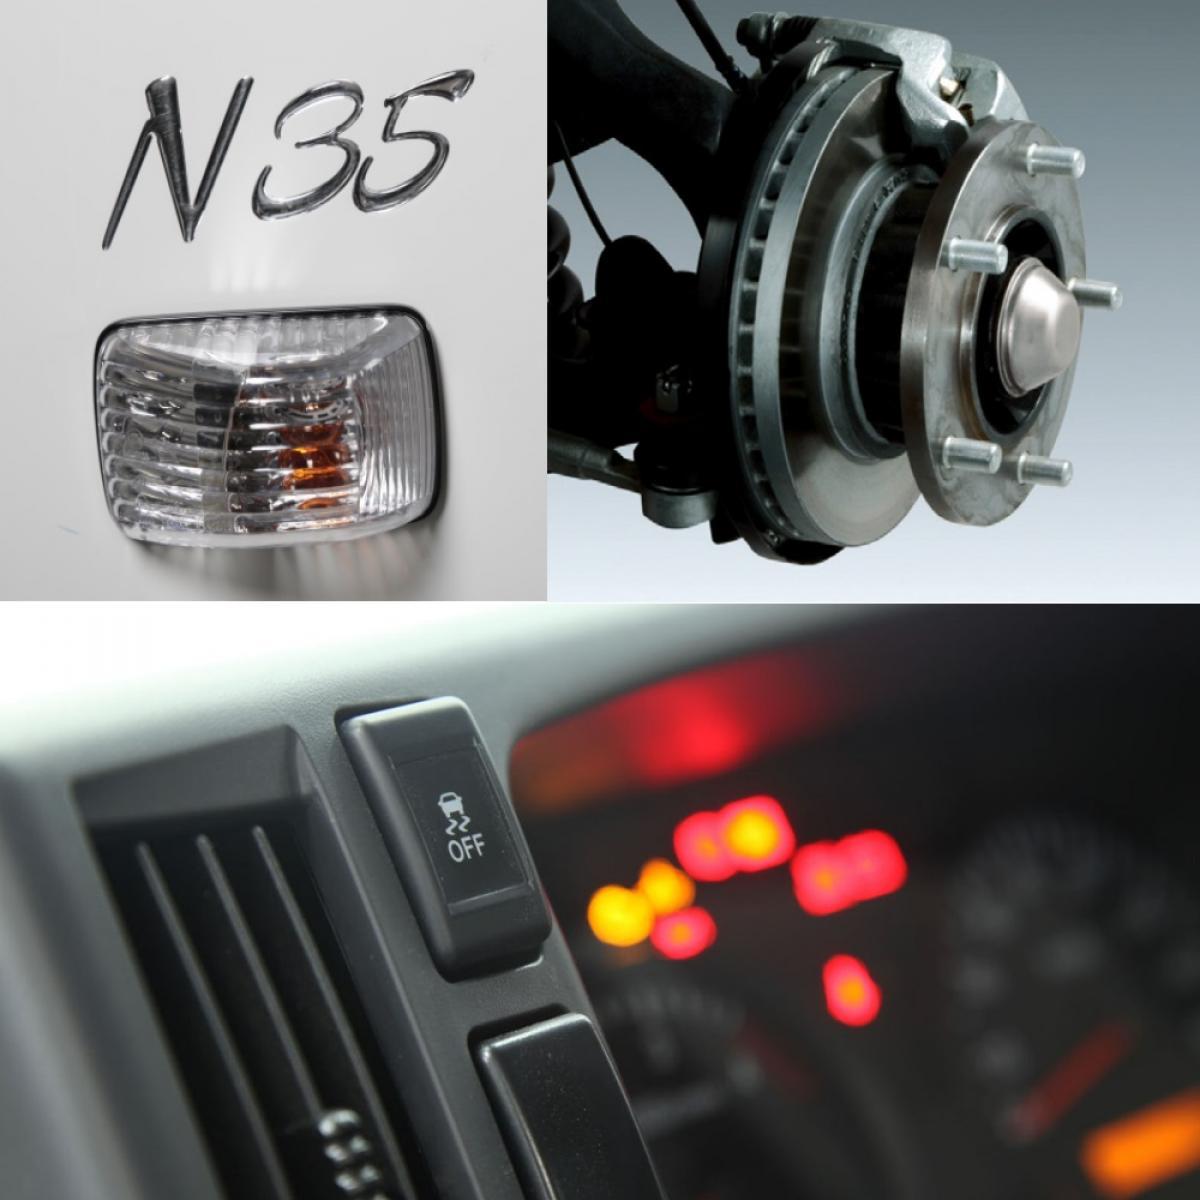 Isuzu N35 Sicurezza